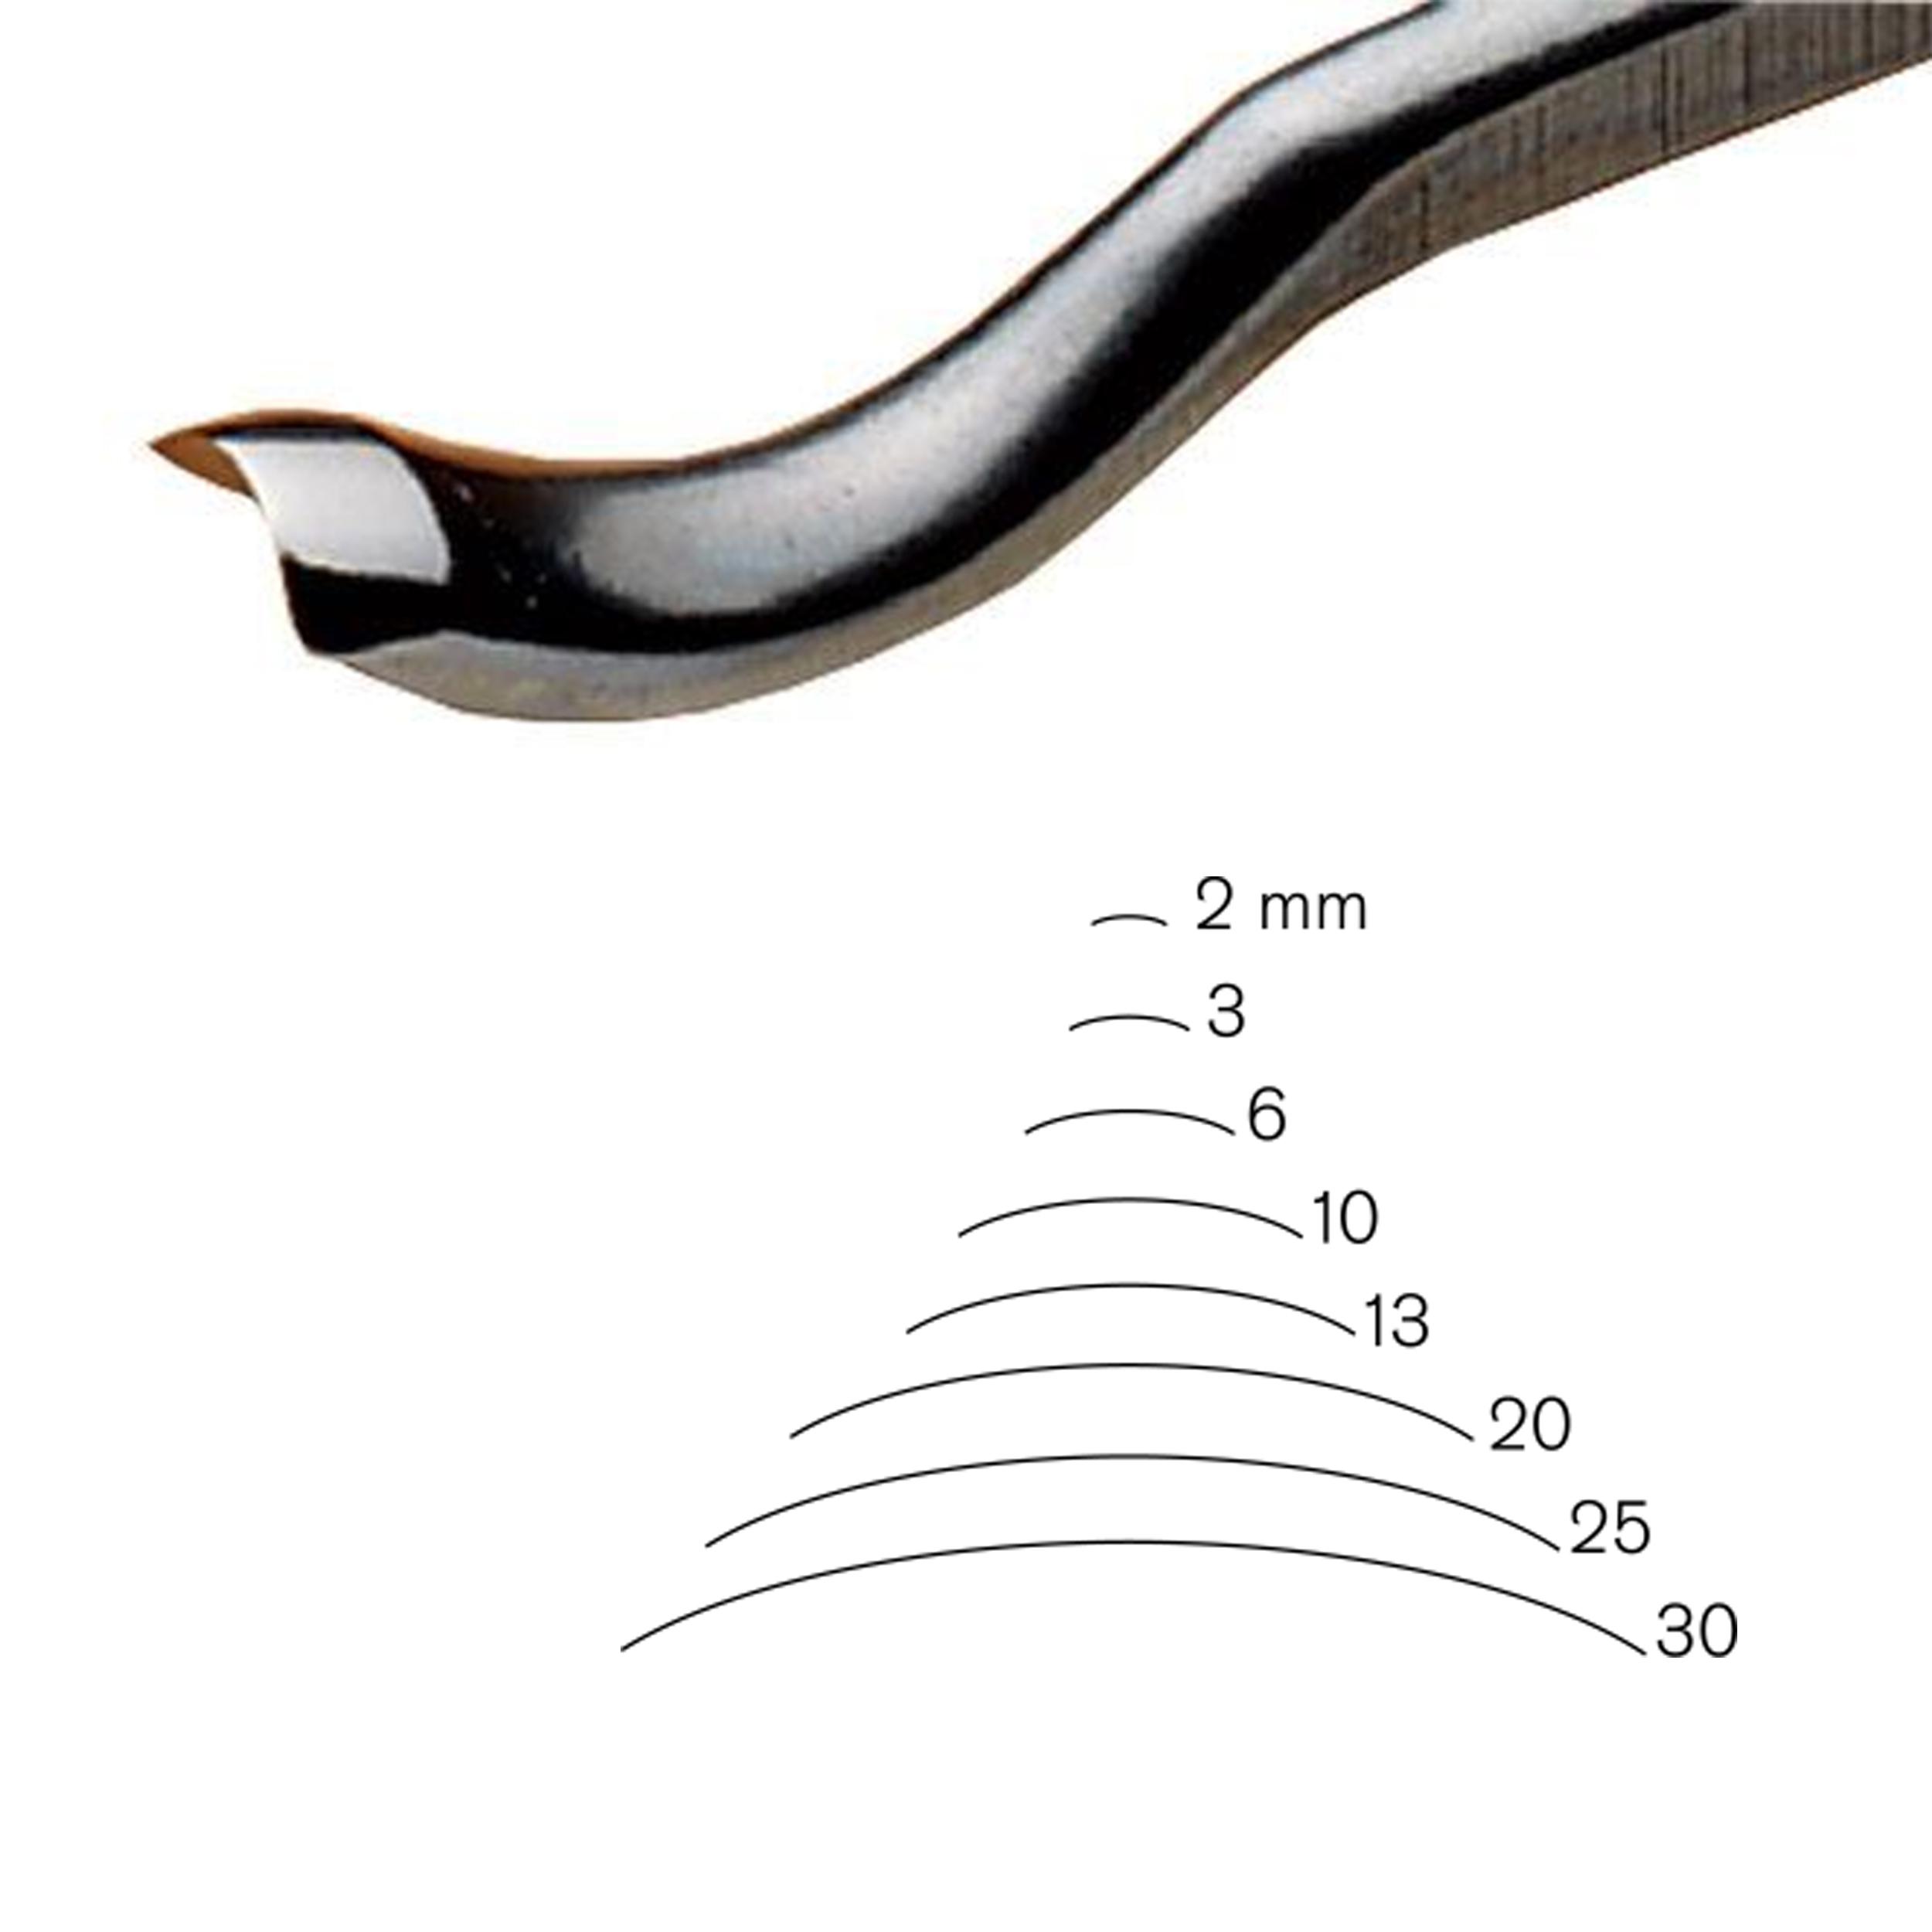 #25 Sweep Back Bent Gouge 10 mm, Full Size